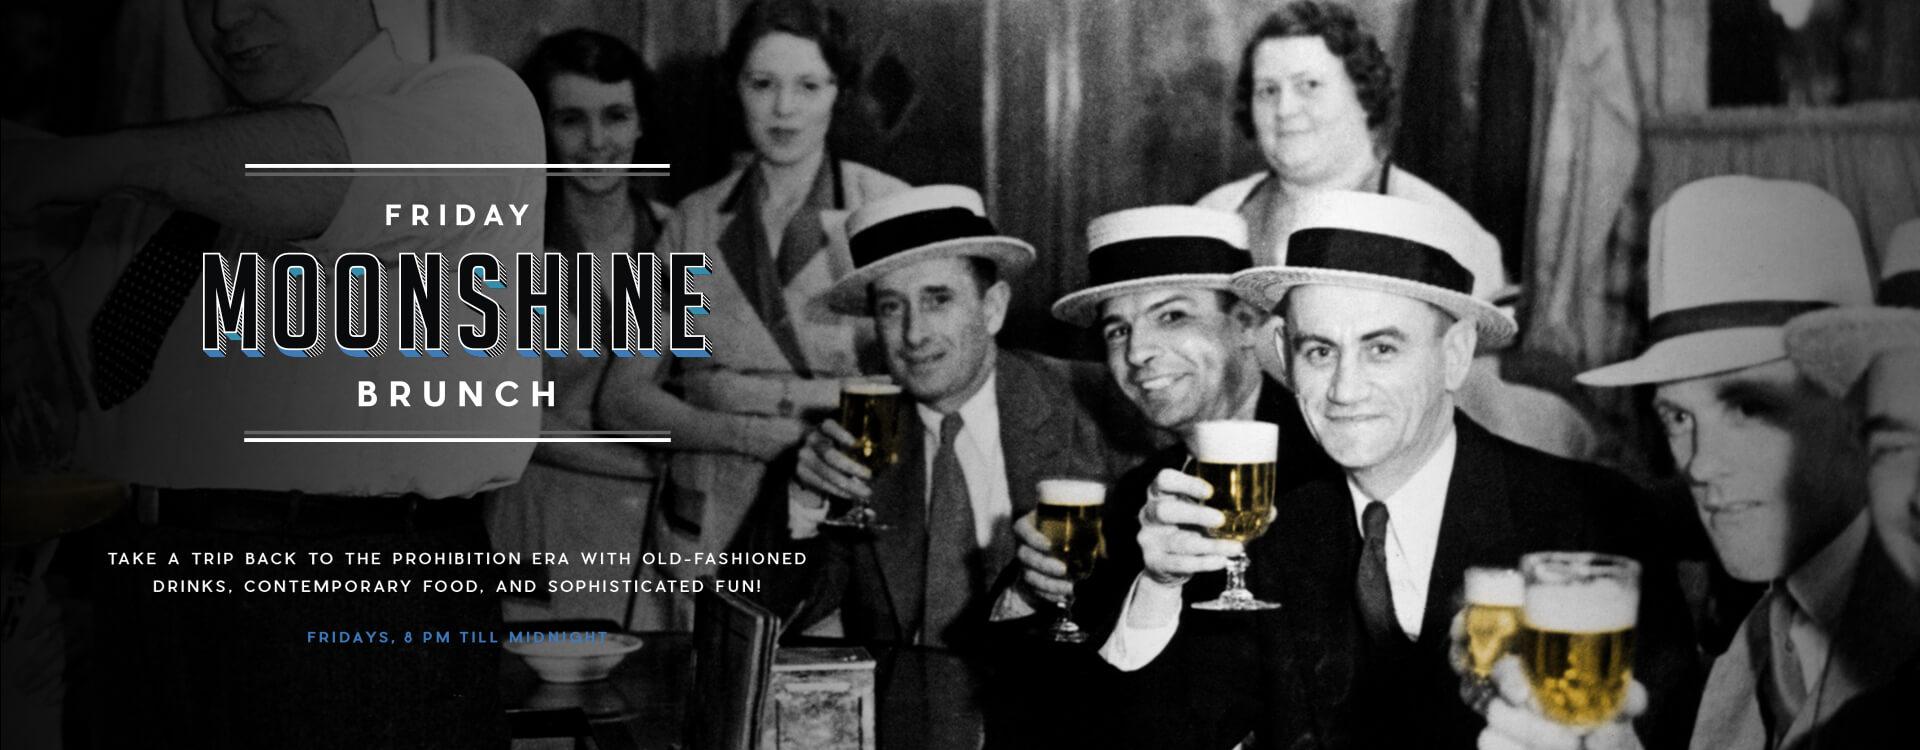 Moonshine Brunch - Distillery Gastropub. After Dark - Banner